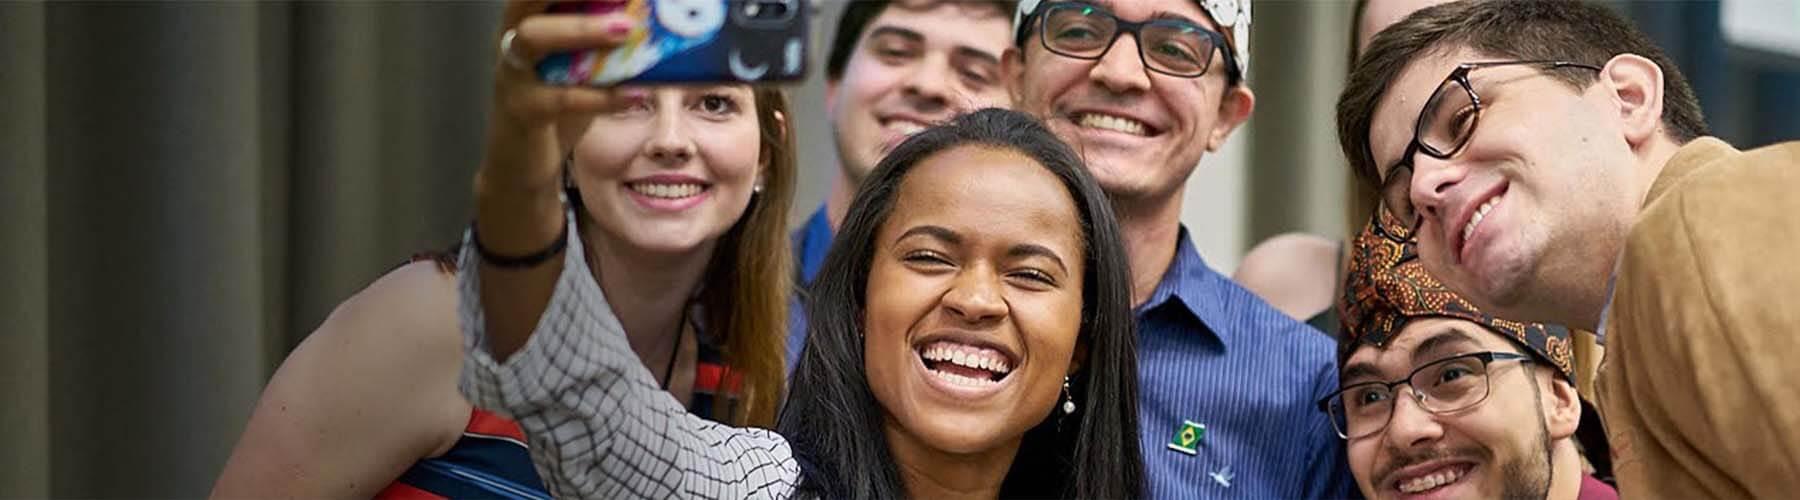 Un groupe de collègues sourit et prend la pose pour un égoportrait pris par une jeune femme noire positionnée au centre du groupe.